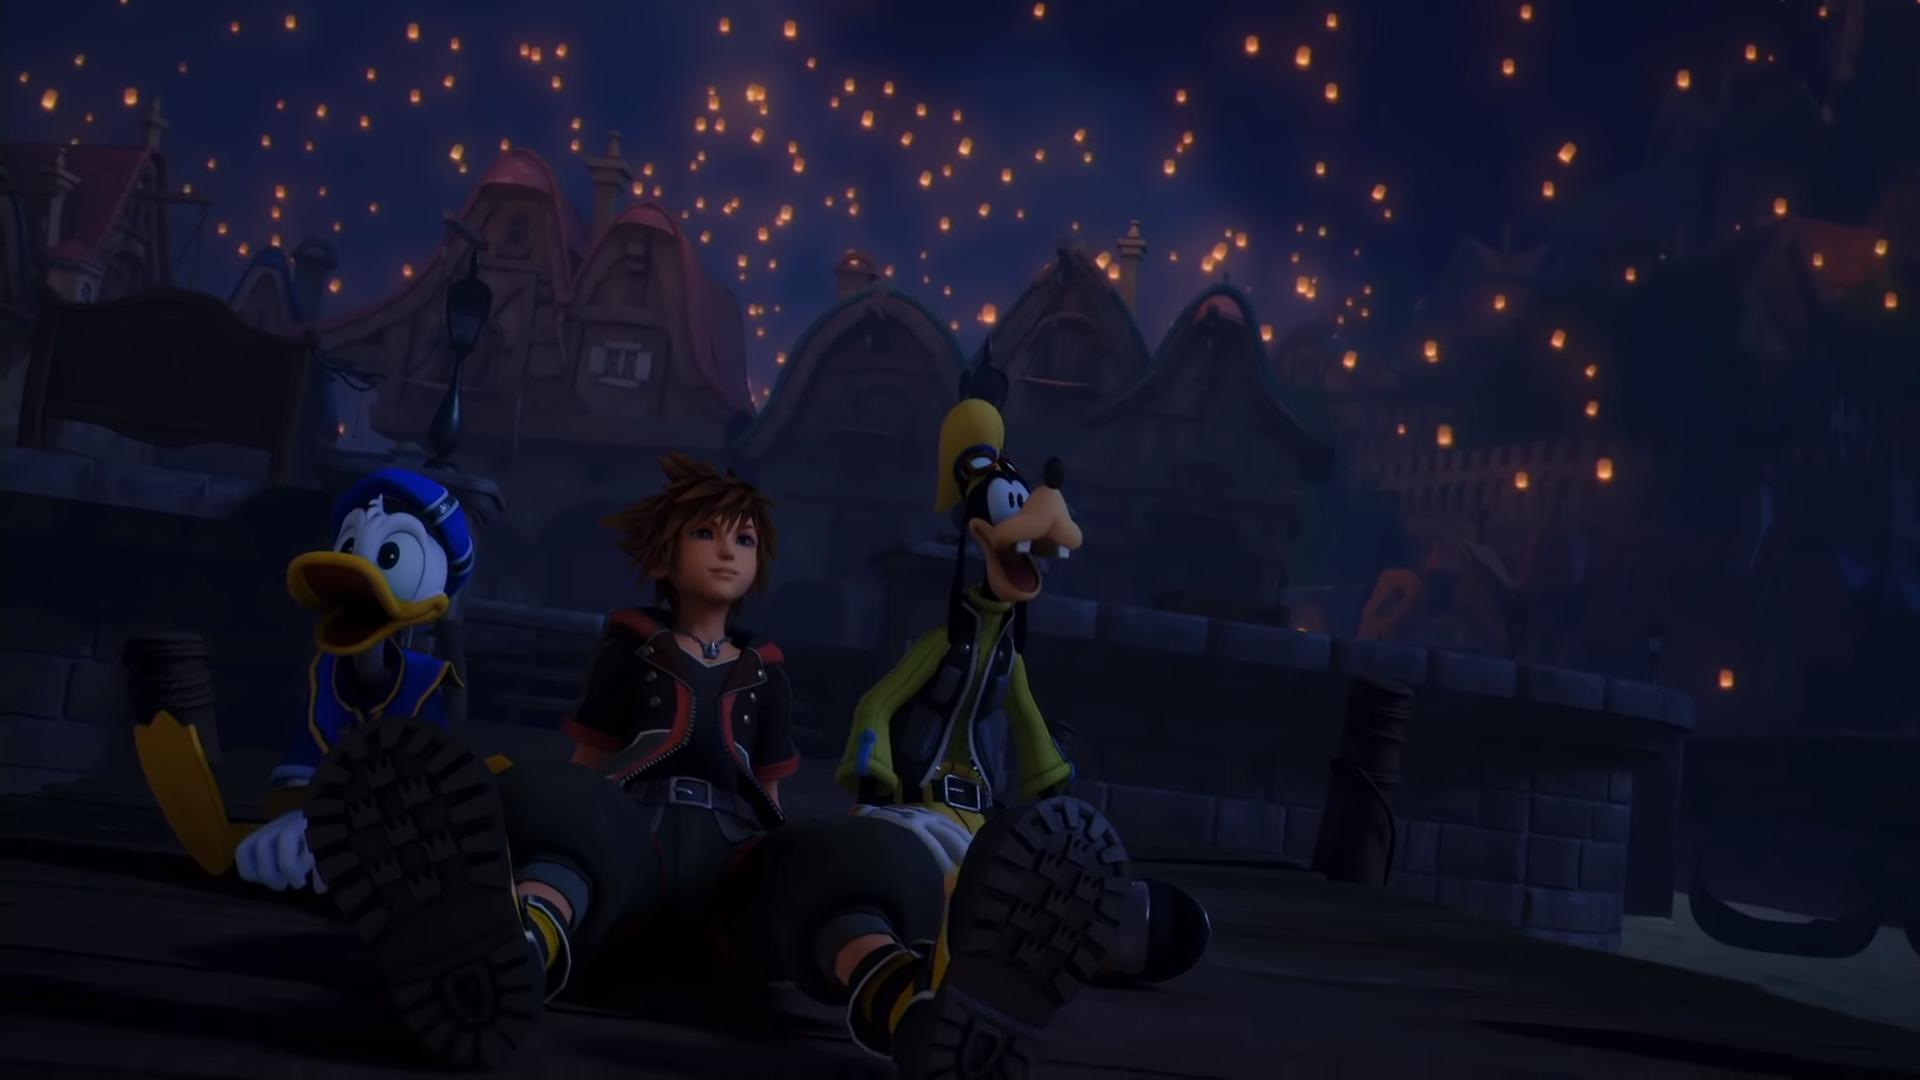 Kingdom Hearts X018 Kingdom Hearts 3 1542976 Hd Wallpaper